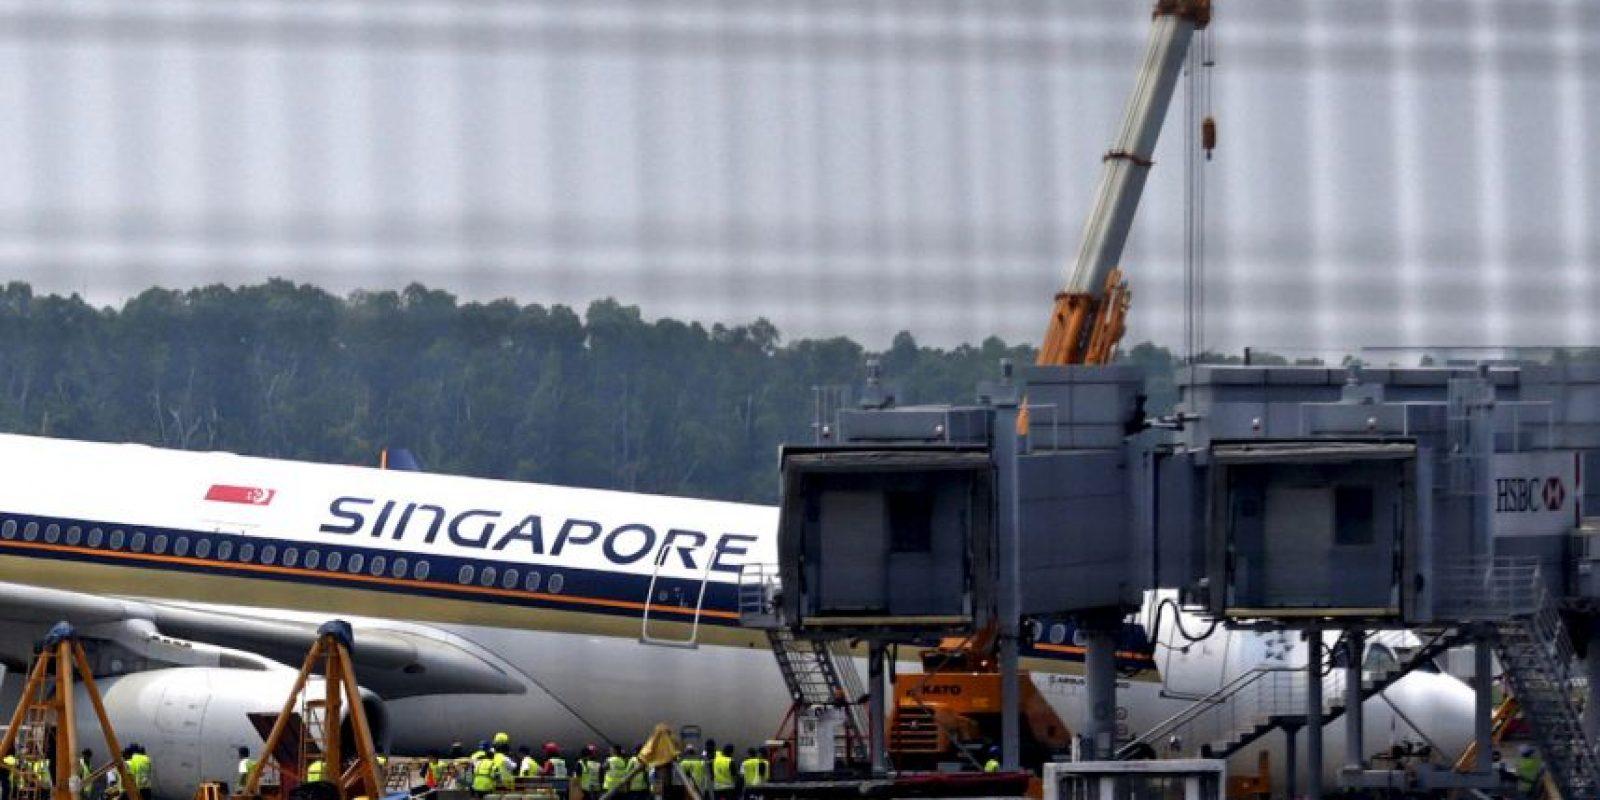 Aún se desconoce qué fue lo que ocasionó que el tren de aterrizaje se desplomara. Foto:AP